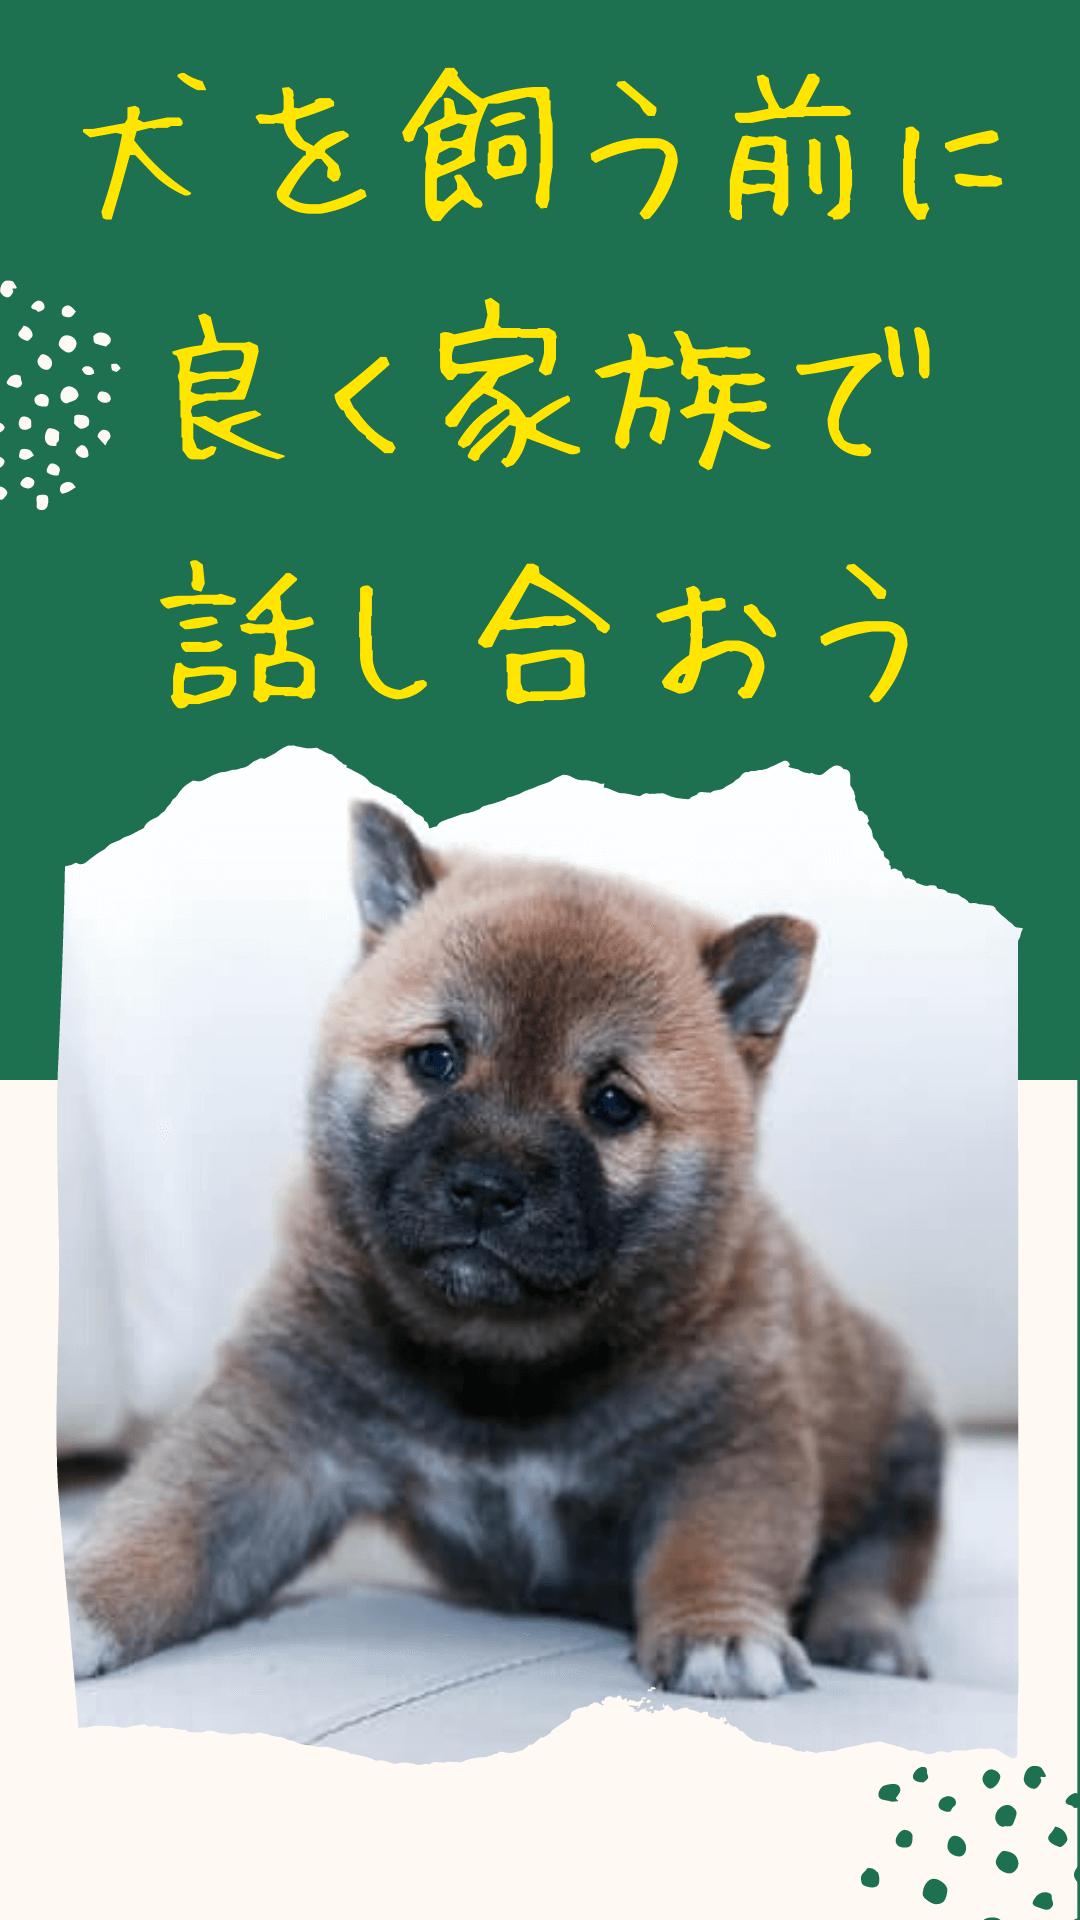 犬を飼う前に良く家族で話し合おう 犬 動物 ペットショップ